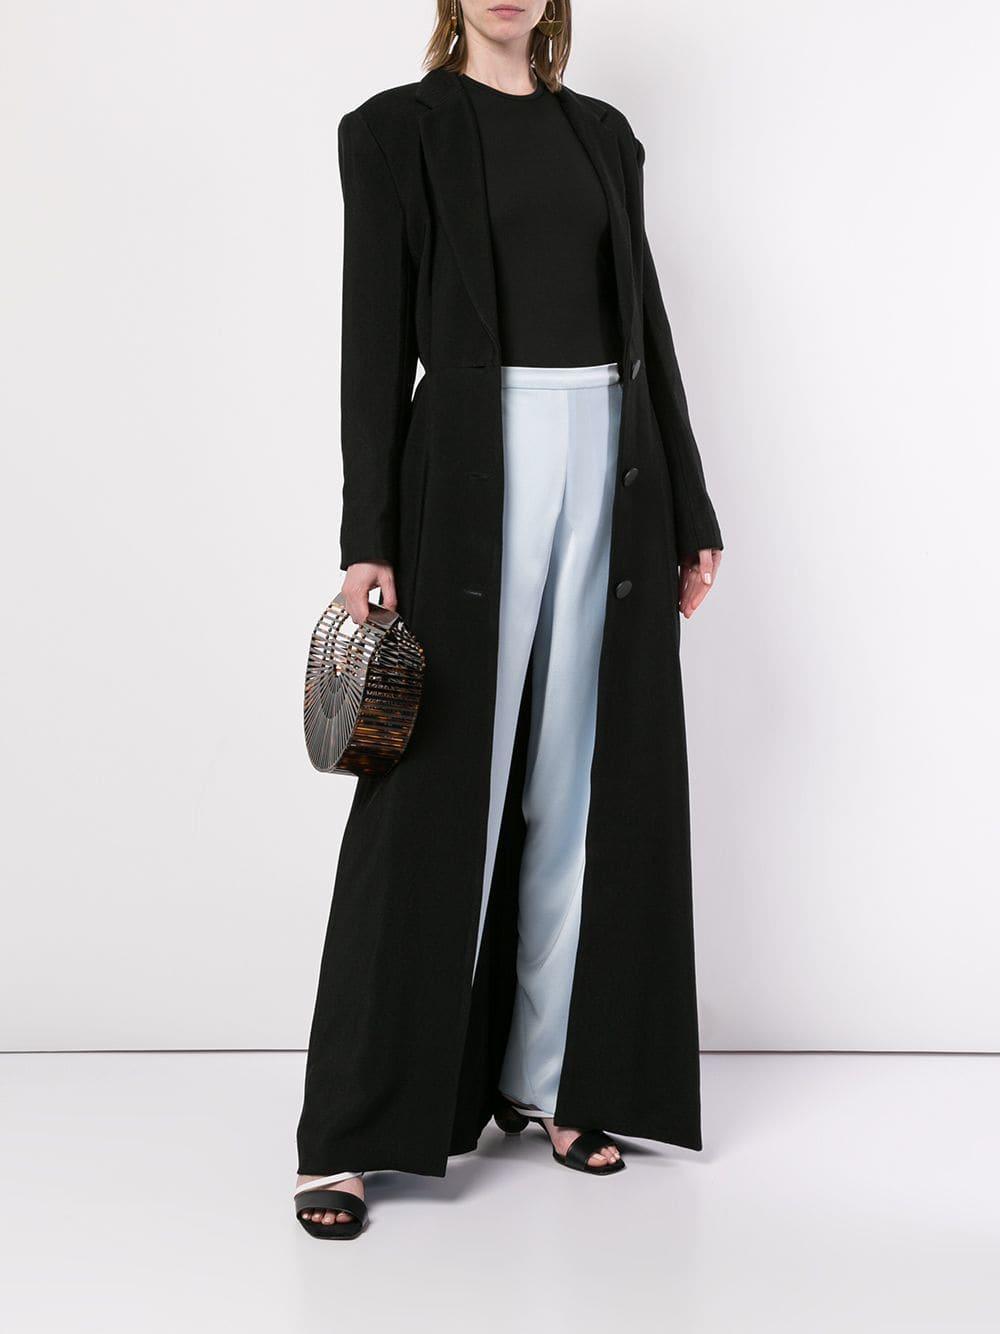 Manteau long Coton Christopher Esber en coloris Noir 3RqKE